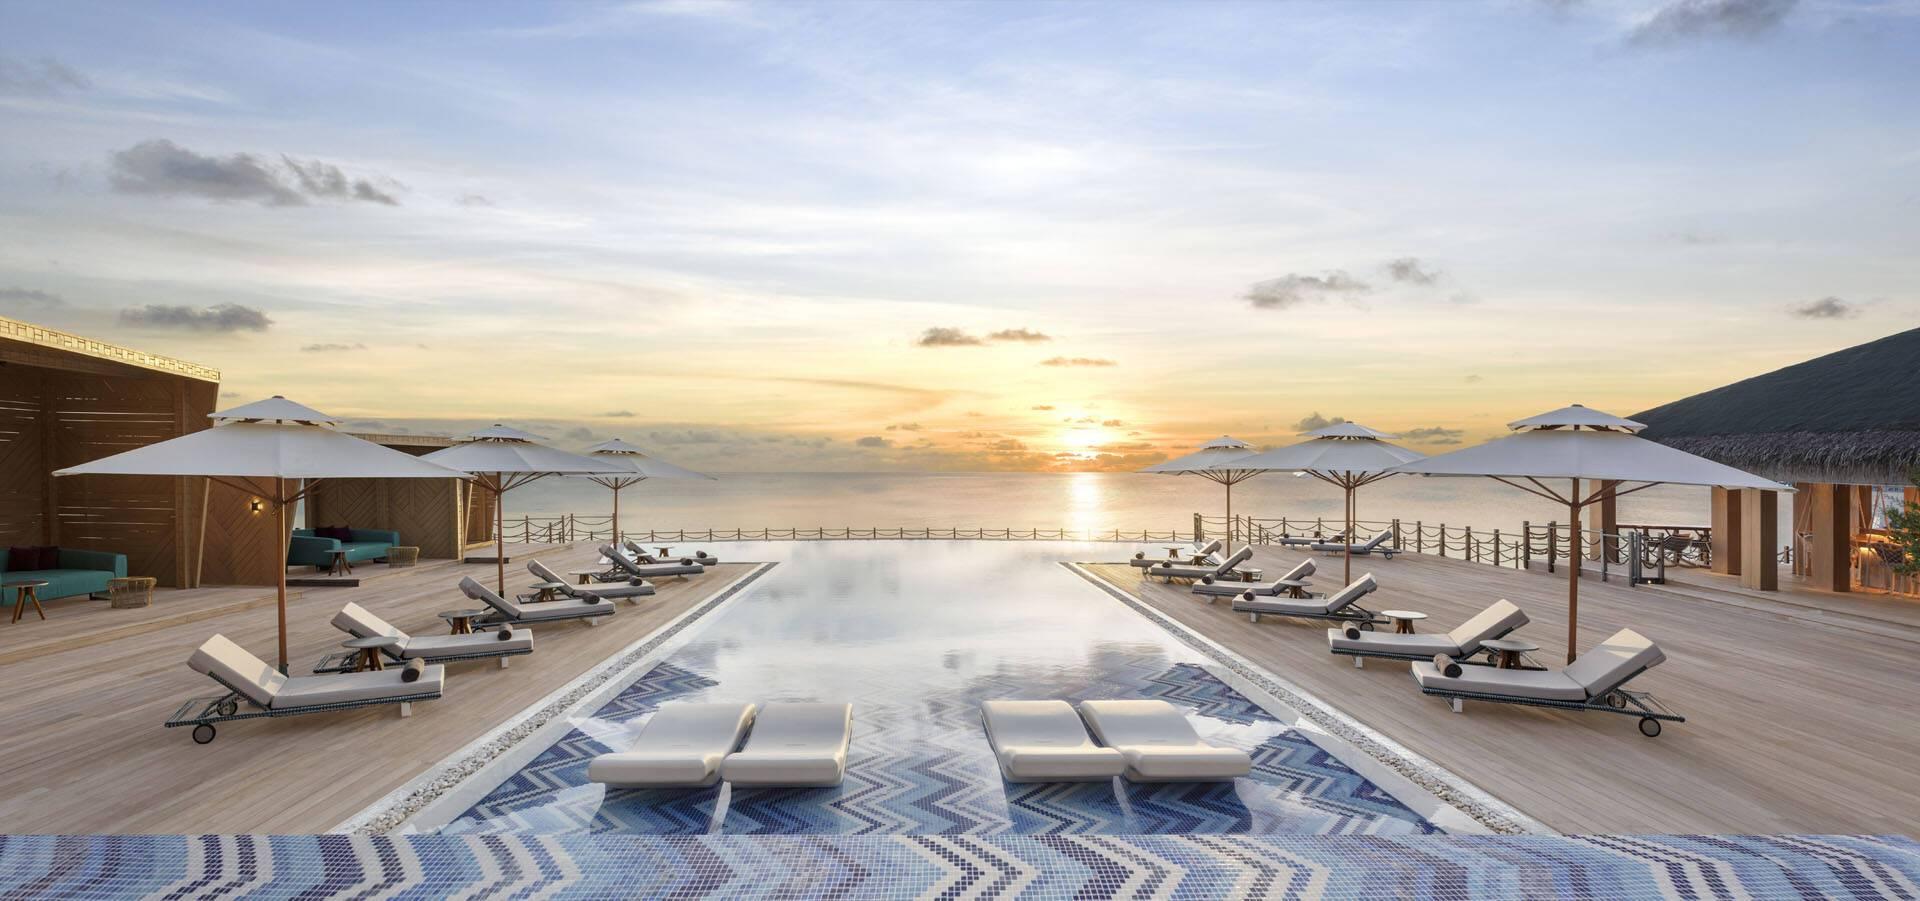 JW Marriott Maldives PoolSunset